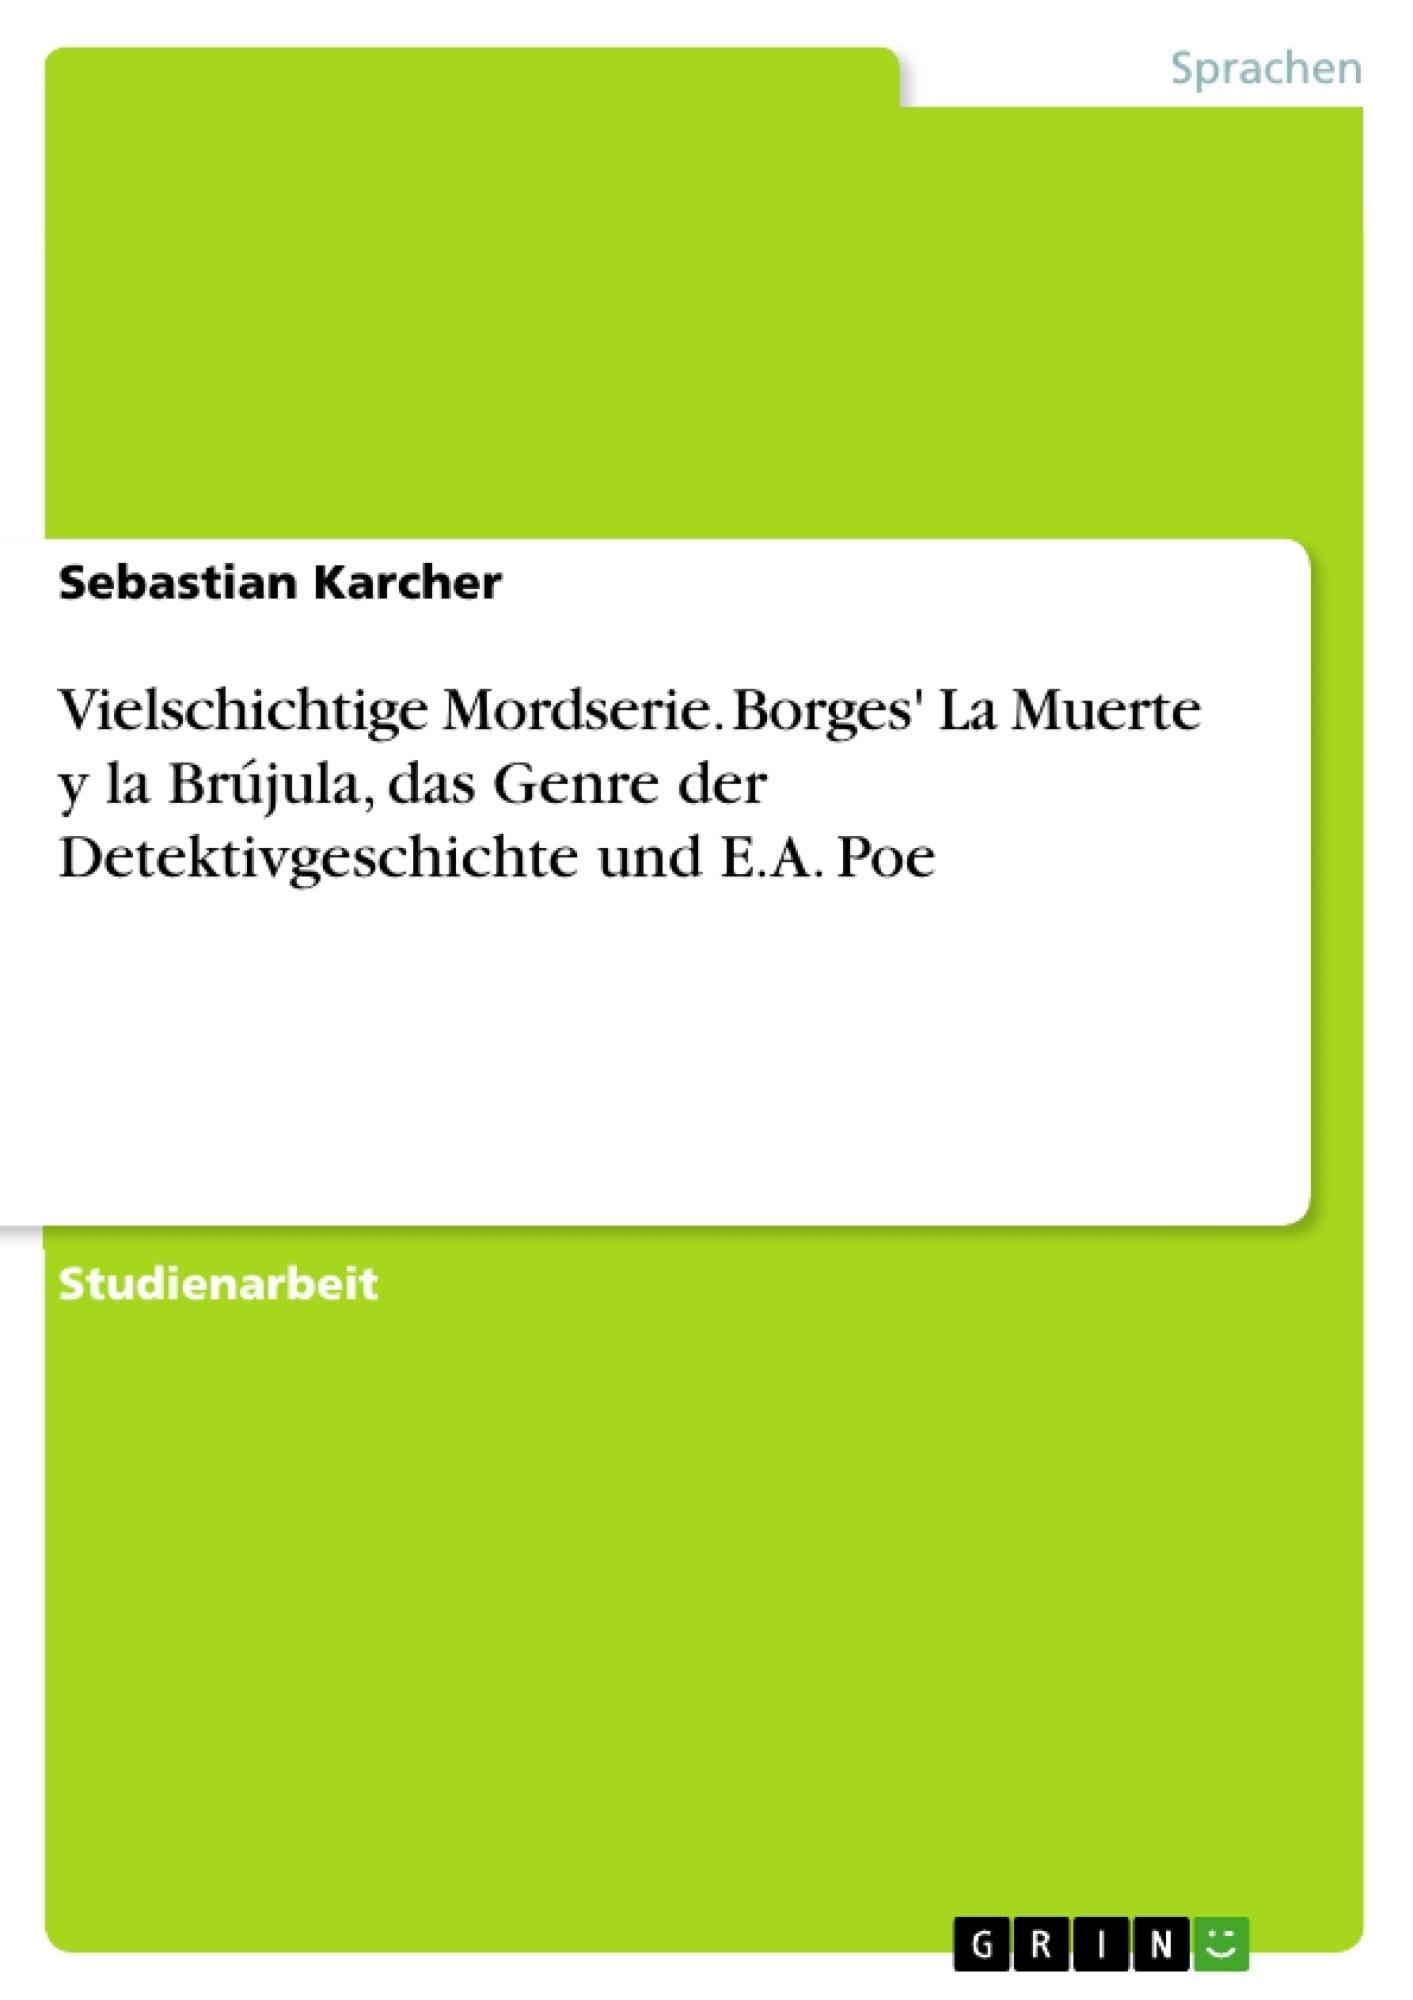 Titel: Vielschichtige Mordserie. Borges' La Muerte y la Brújula, das Genre der Detektivgeschichte und E.A. Poe